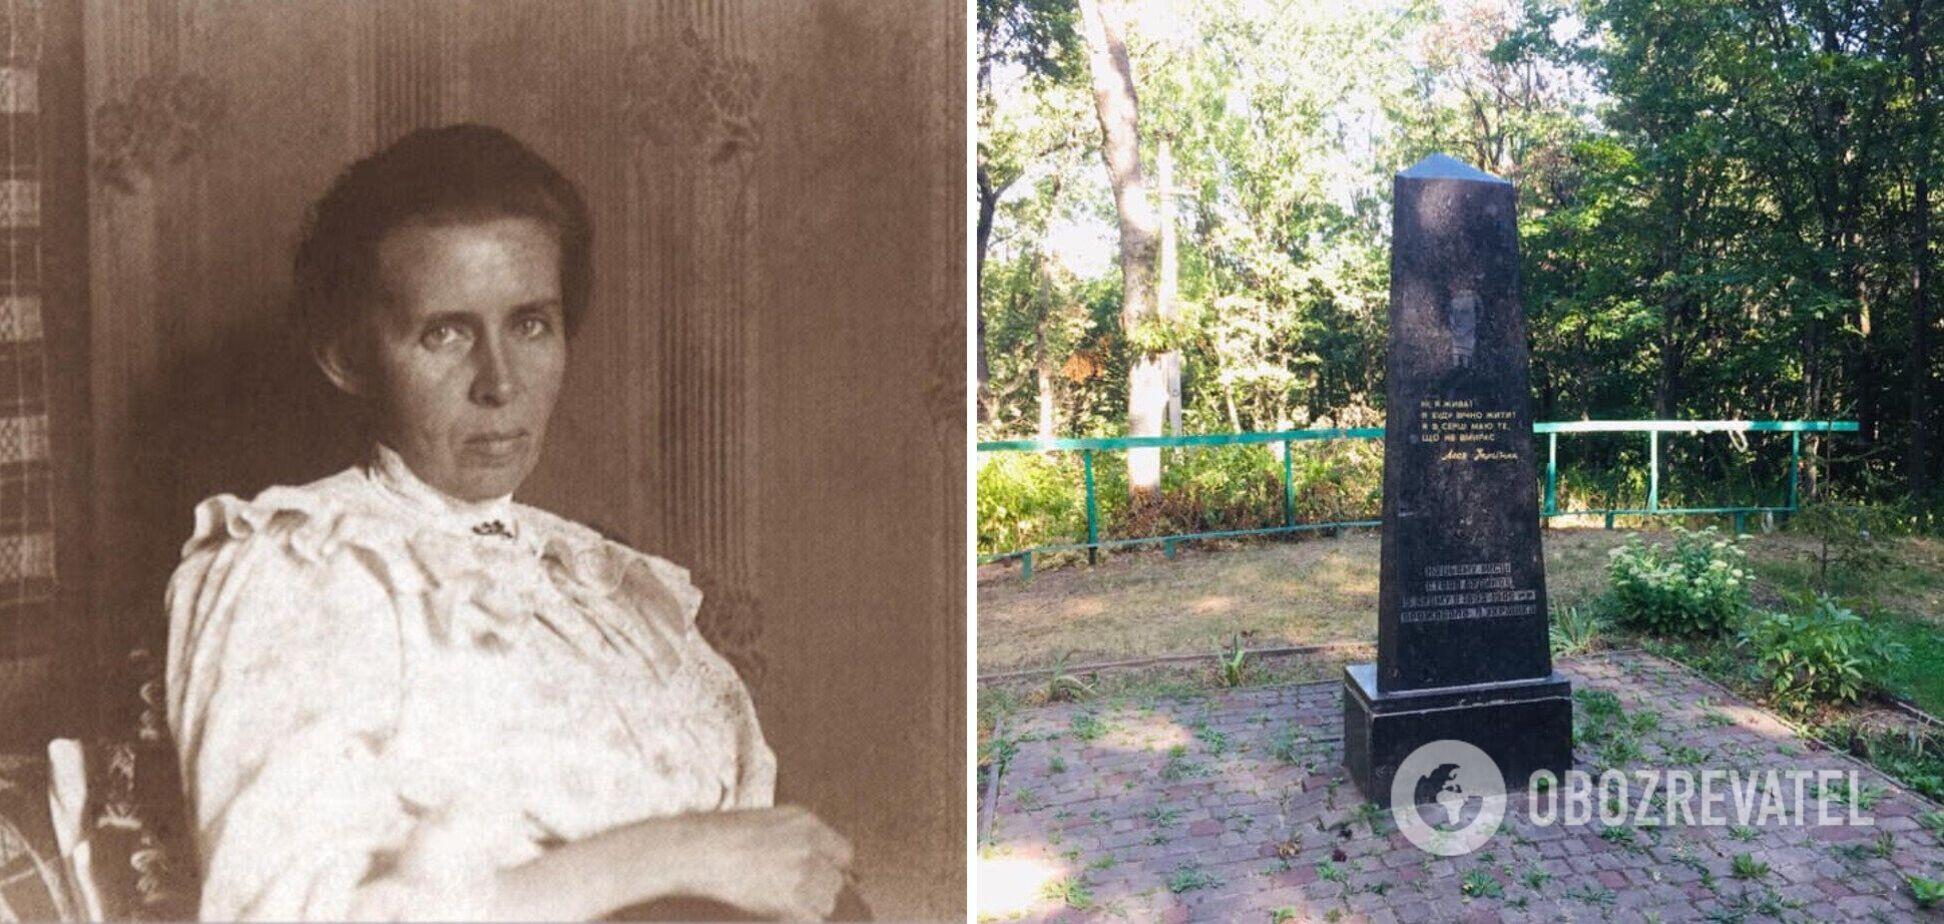 Де подівся маєток сім'ї Лесі Українки на Полтавщині: розкрилася ще одна таємниця